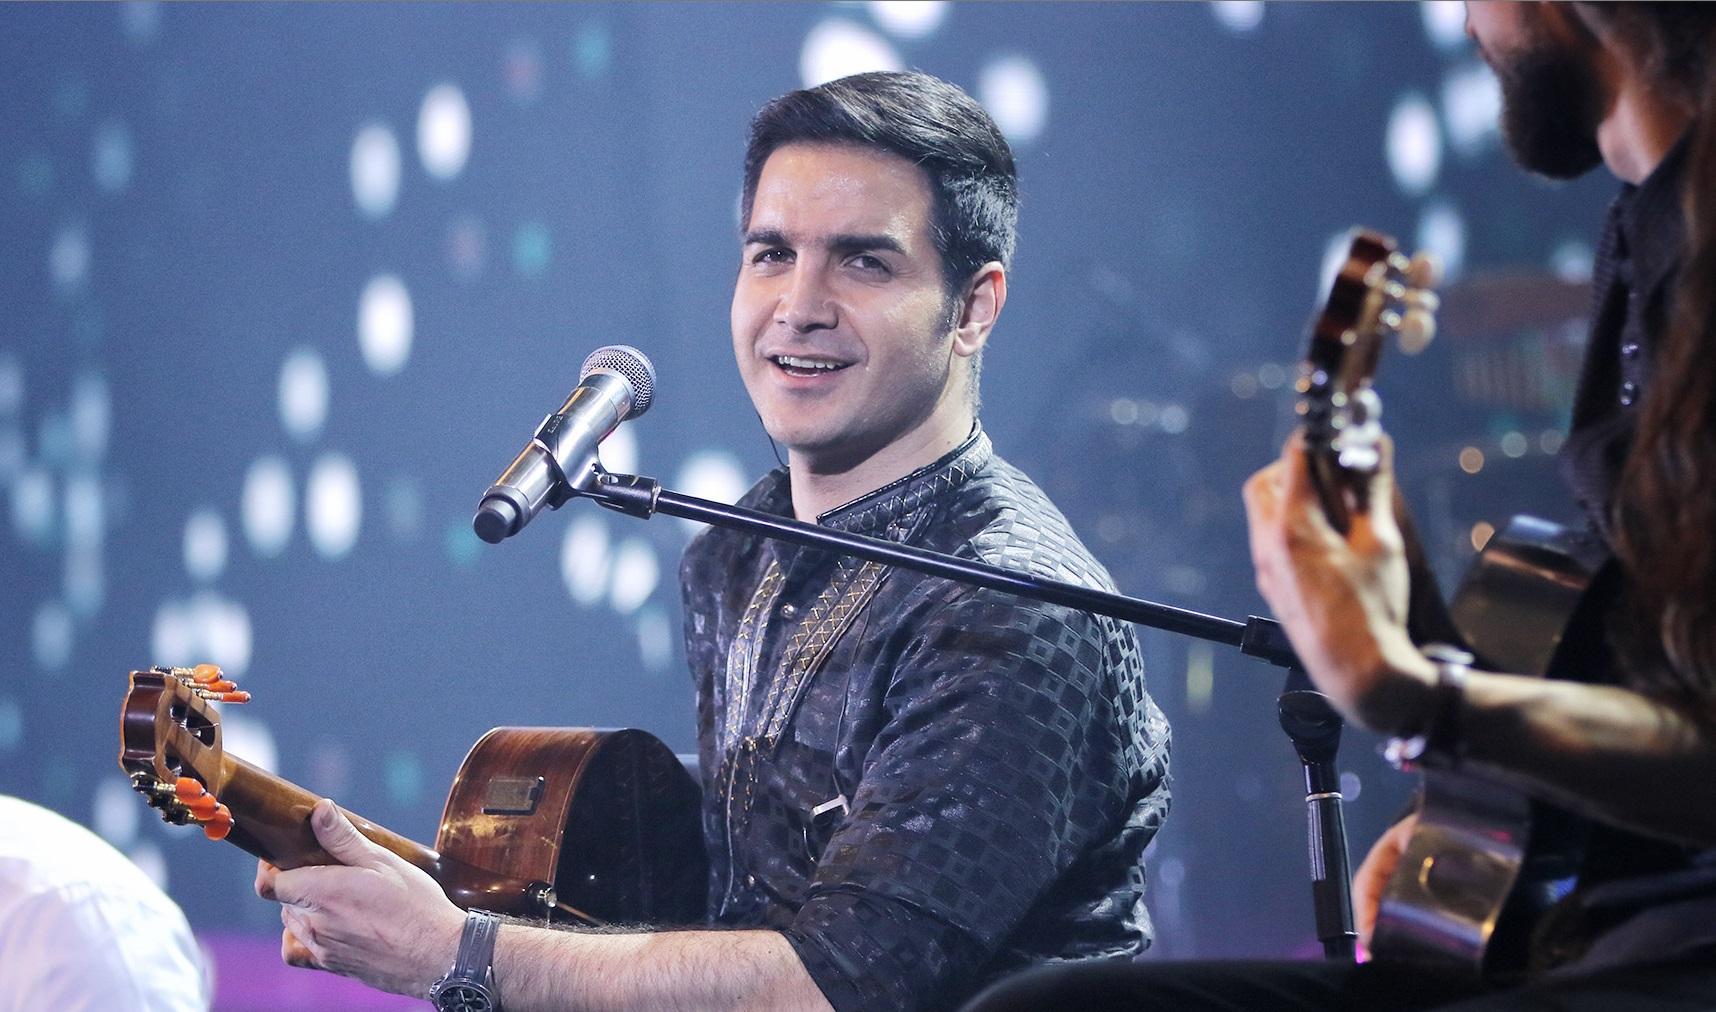 وقتی موسیقی ایرانی مخاطب جهانی پیدا میکند/ رکوردشکنی محسن یگانه در یوتیوب